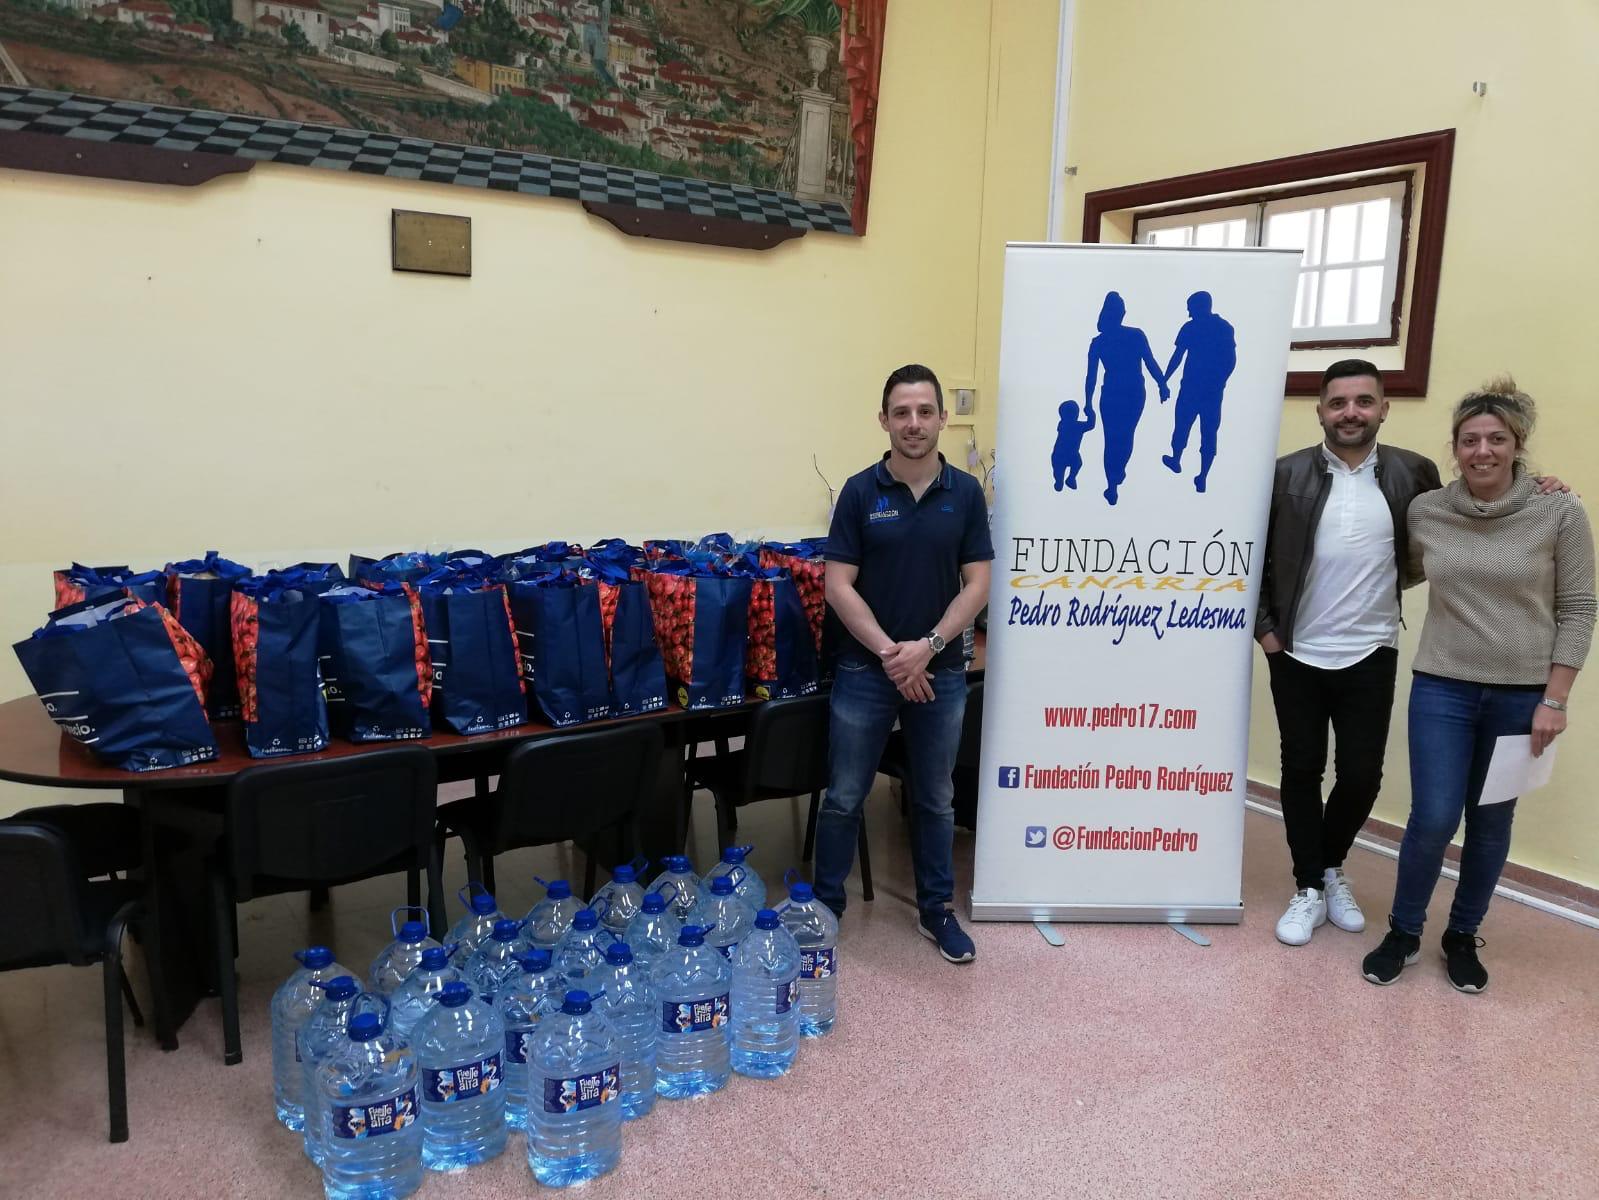 La Fundación de Pedro Rodríguez entrega pícnics solidarios a las familias del municipio de Granadilla